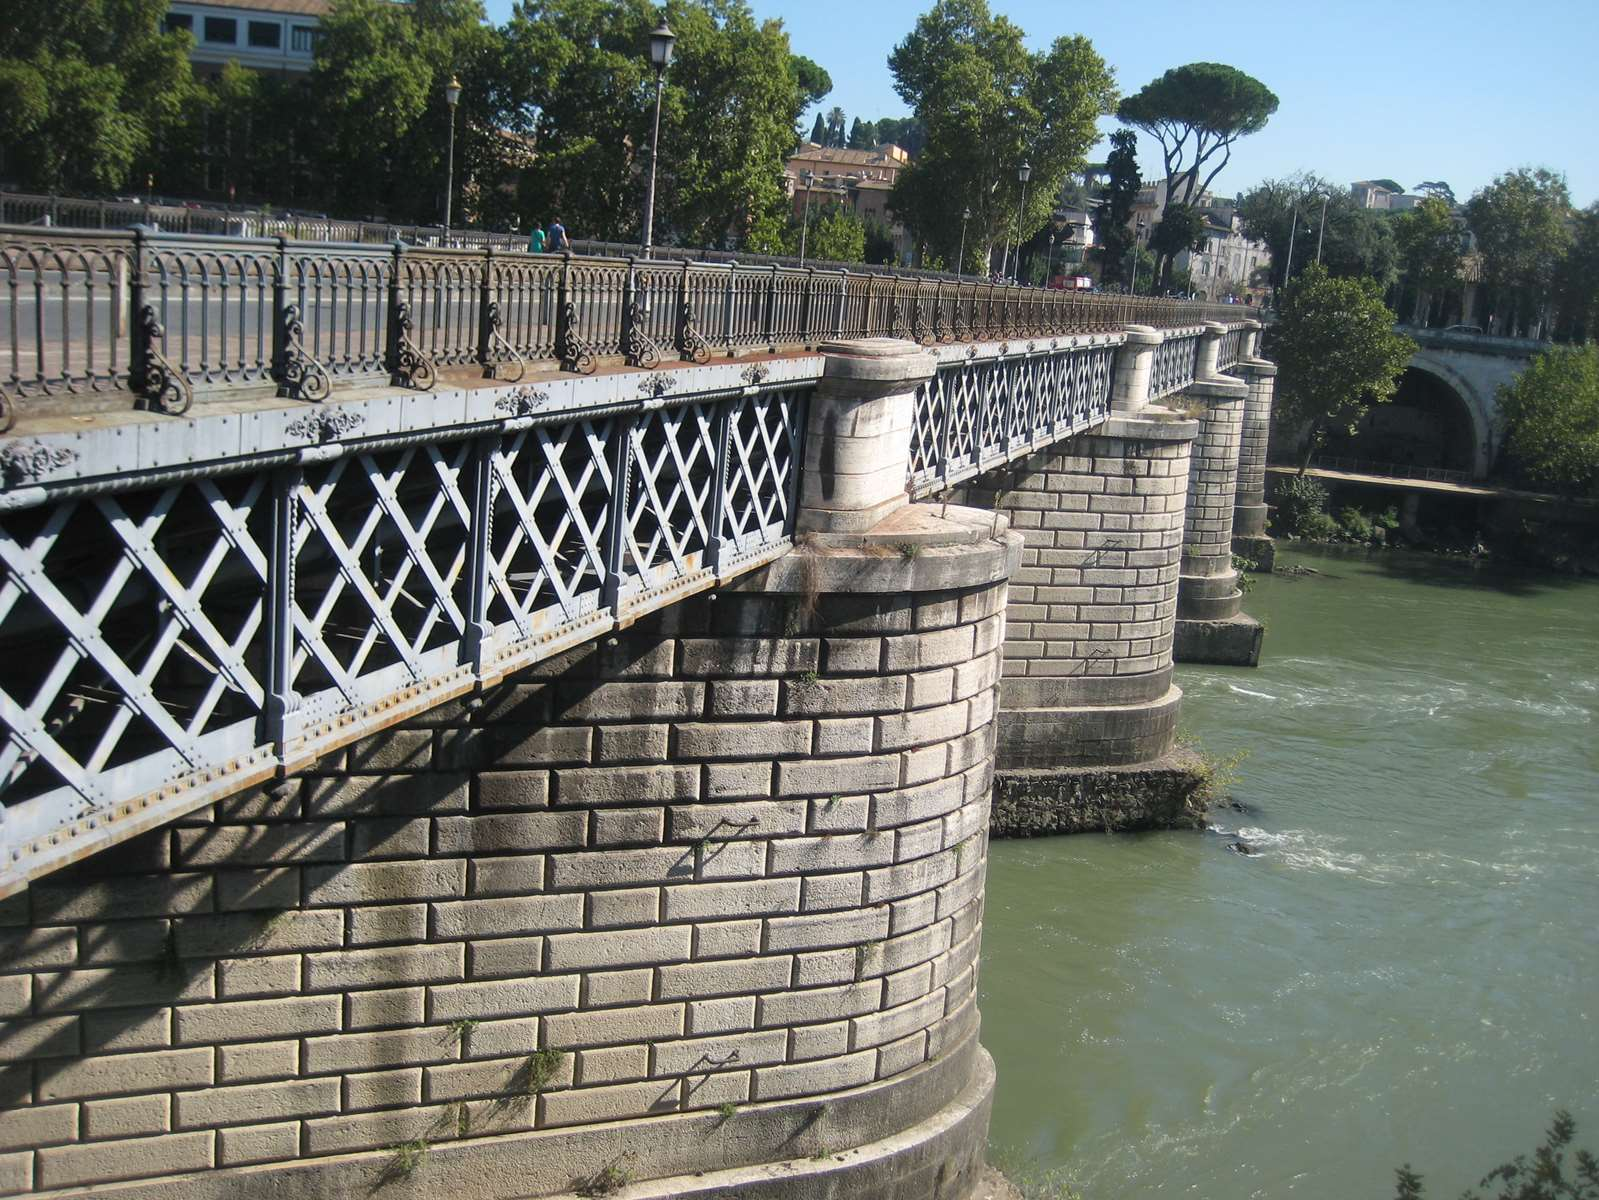 Italie-Rome - Travestere Claironyva